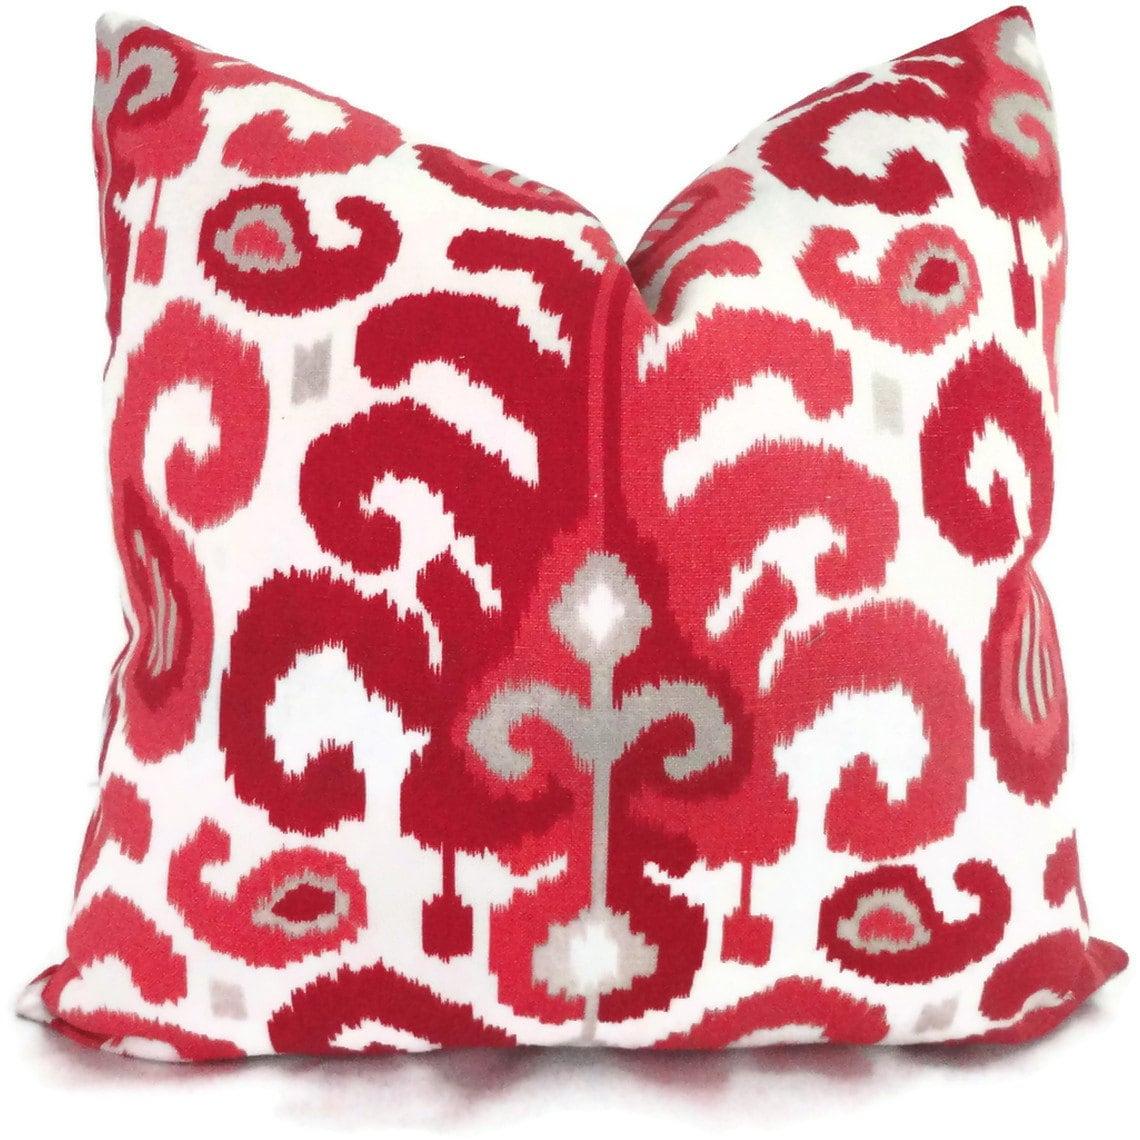 Duralee Raspberry Ikat Decorative Pillow Cover Lumbar Pillow